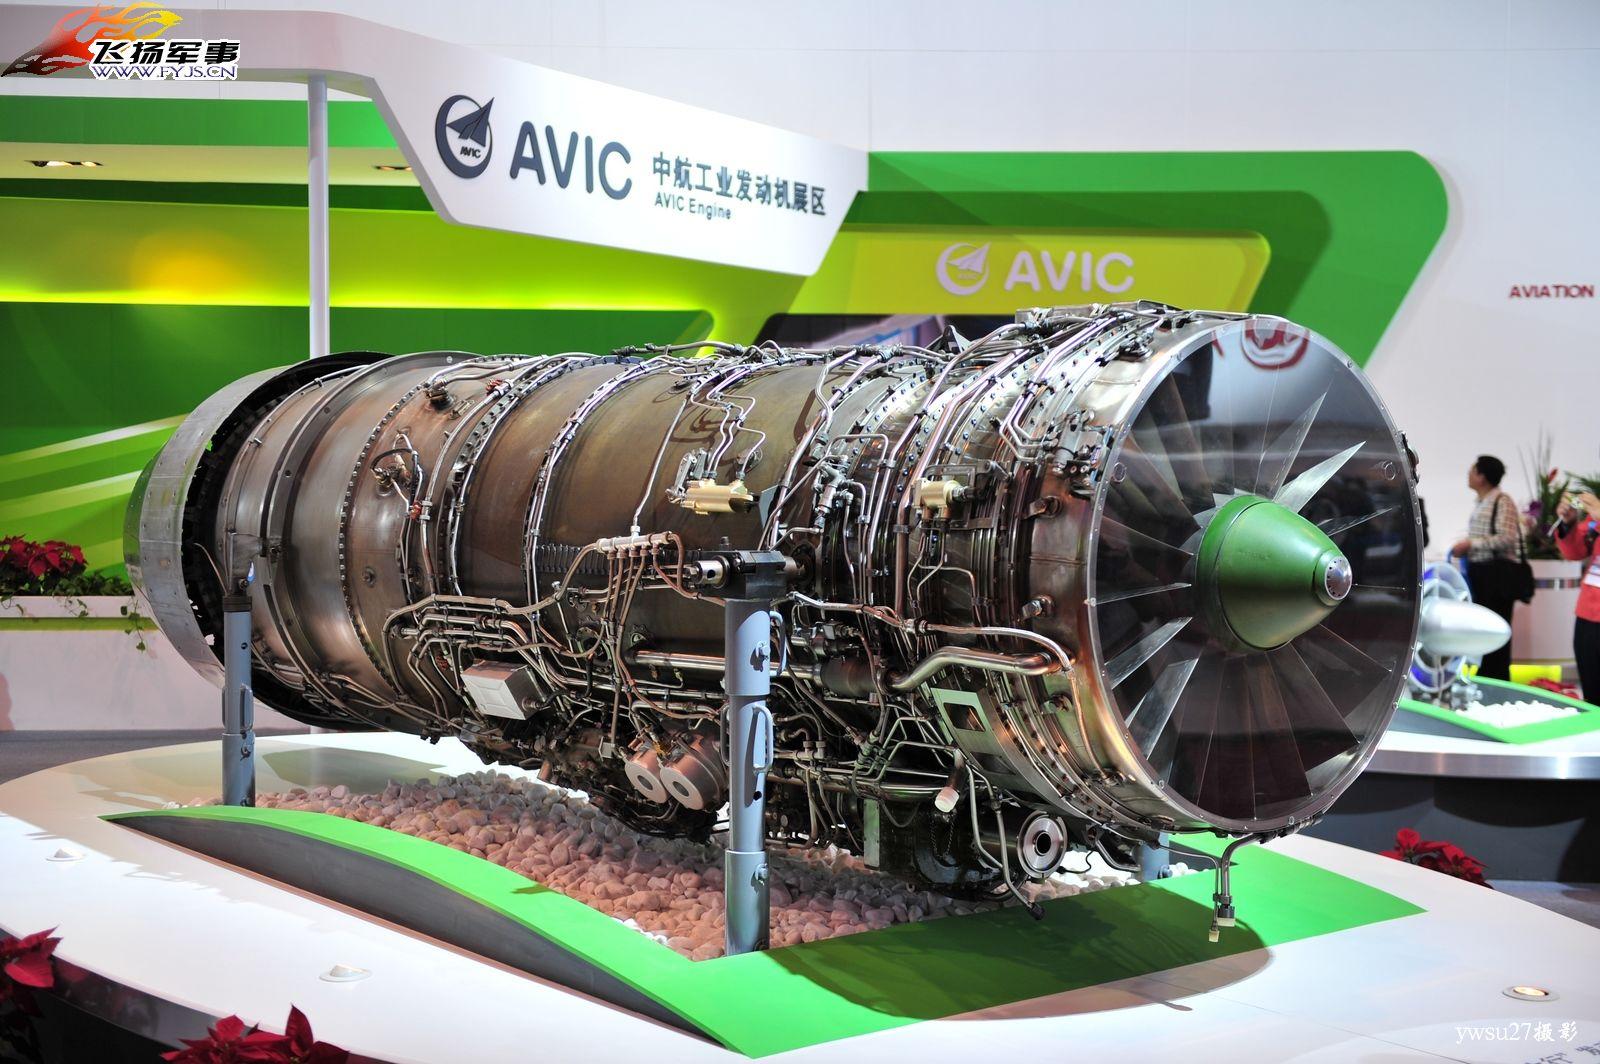 الصين : الحكومة المصرية بدأت الانتاج المشترك لجى اف 17 بعدما اشترت 48 واحدة والصين تصدر المدفع بلز 4 - صفحة 4 Chinese_WS-10B_Fighter_Aircraft_Engine